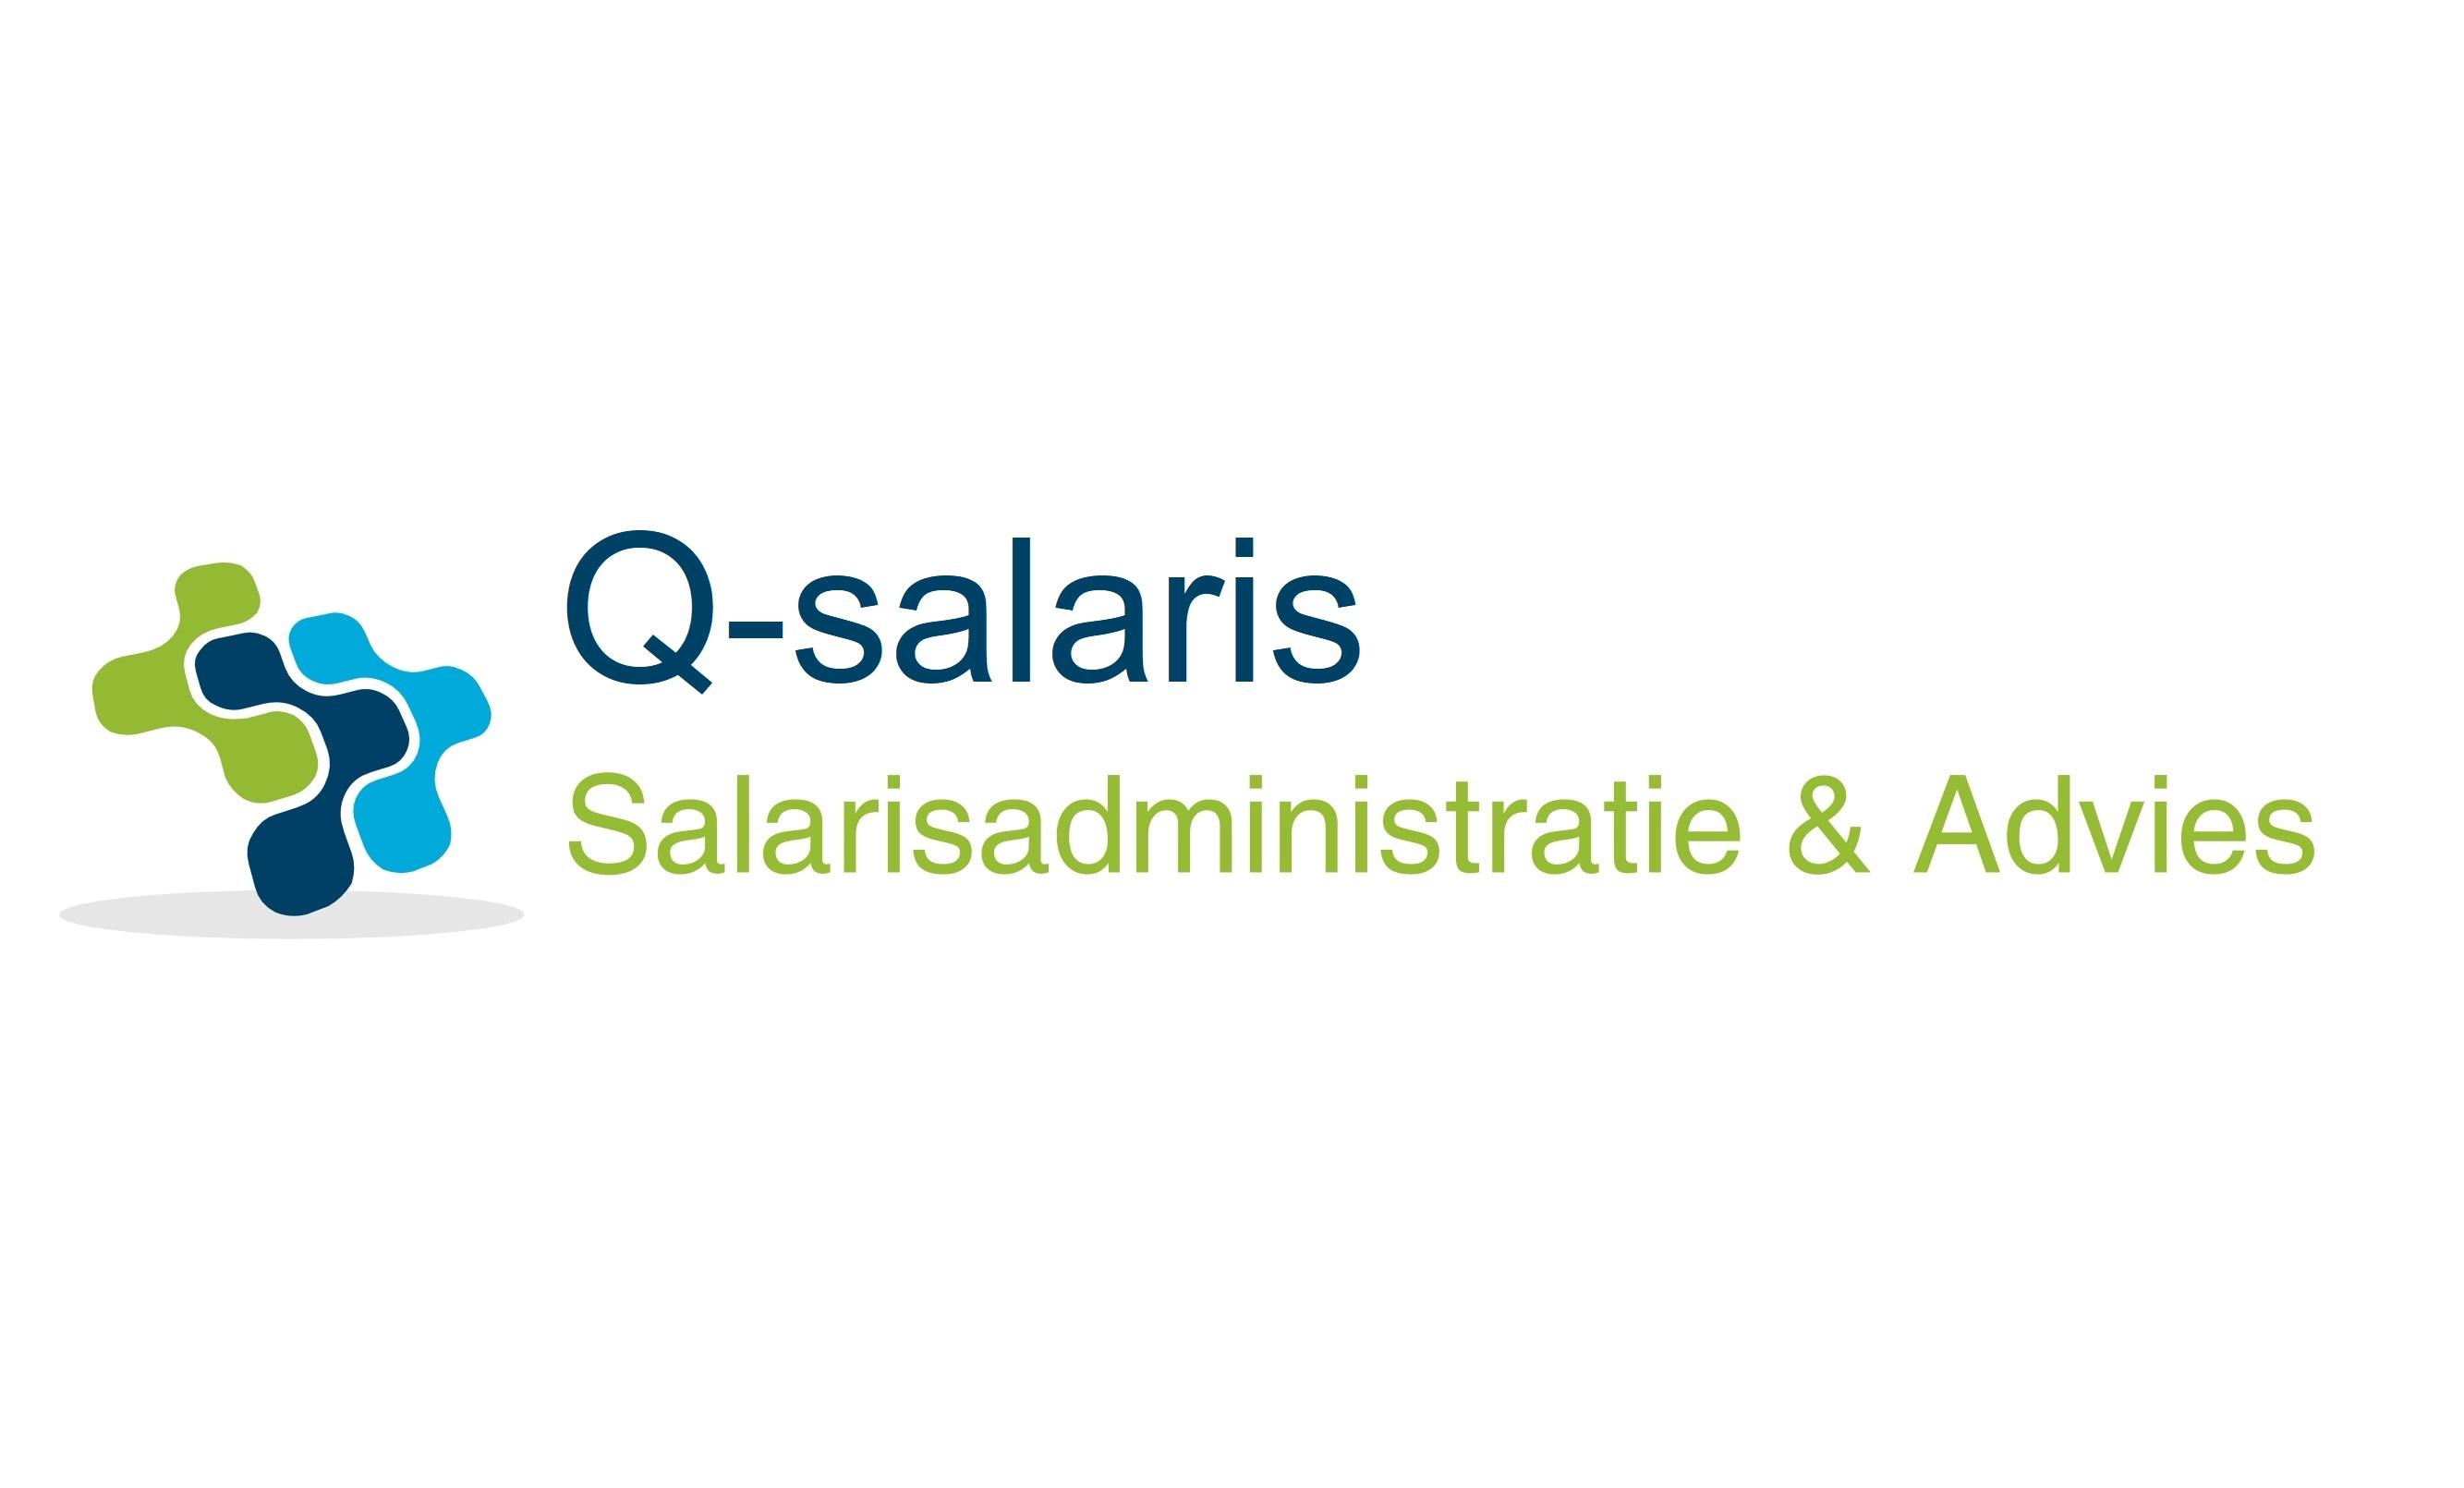 Q-salaris Salarisadministratie & Advies